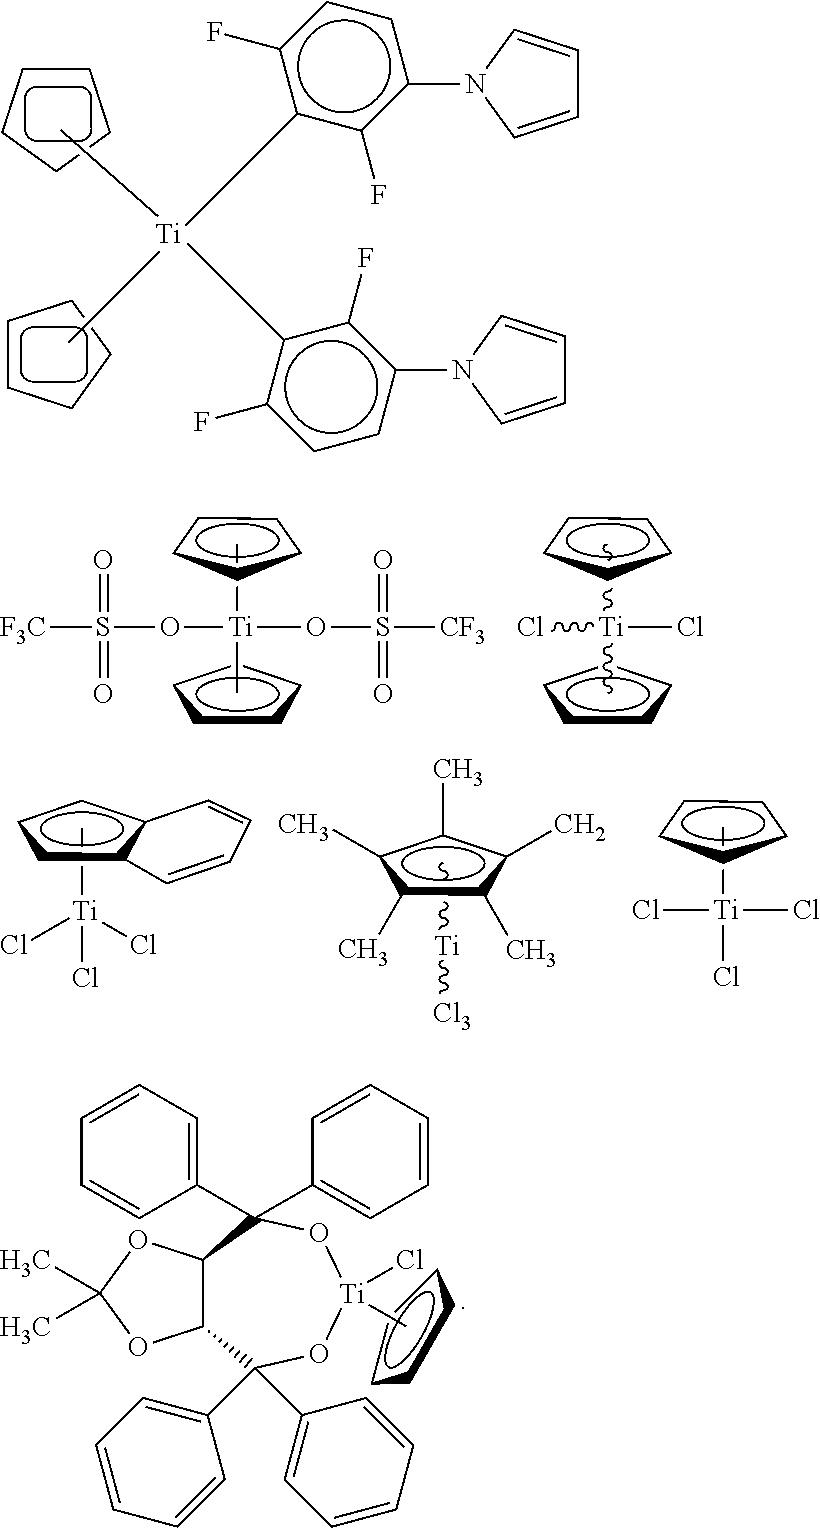 Figure US08088542-20120103-C00005